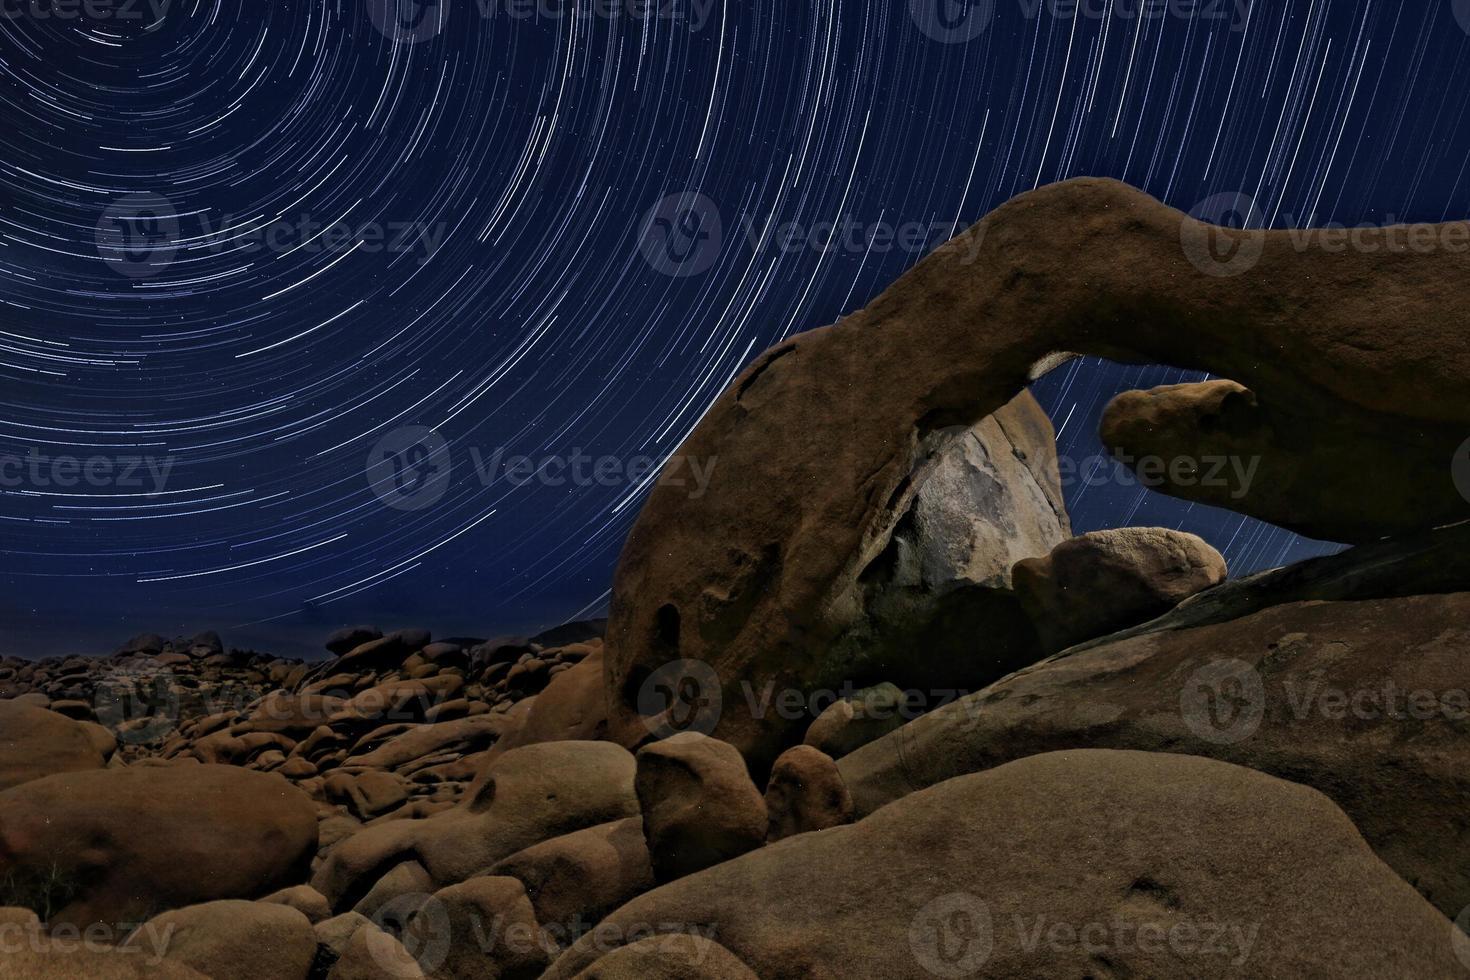 Il sentiero delle stelle notturne si snoda sulle rocce del parco di Joshua Tree foto